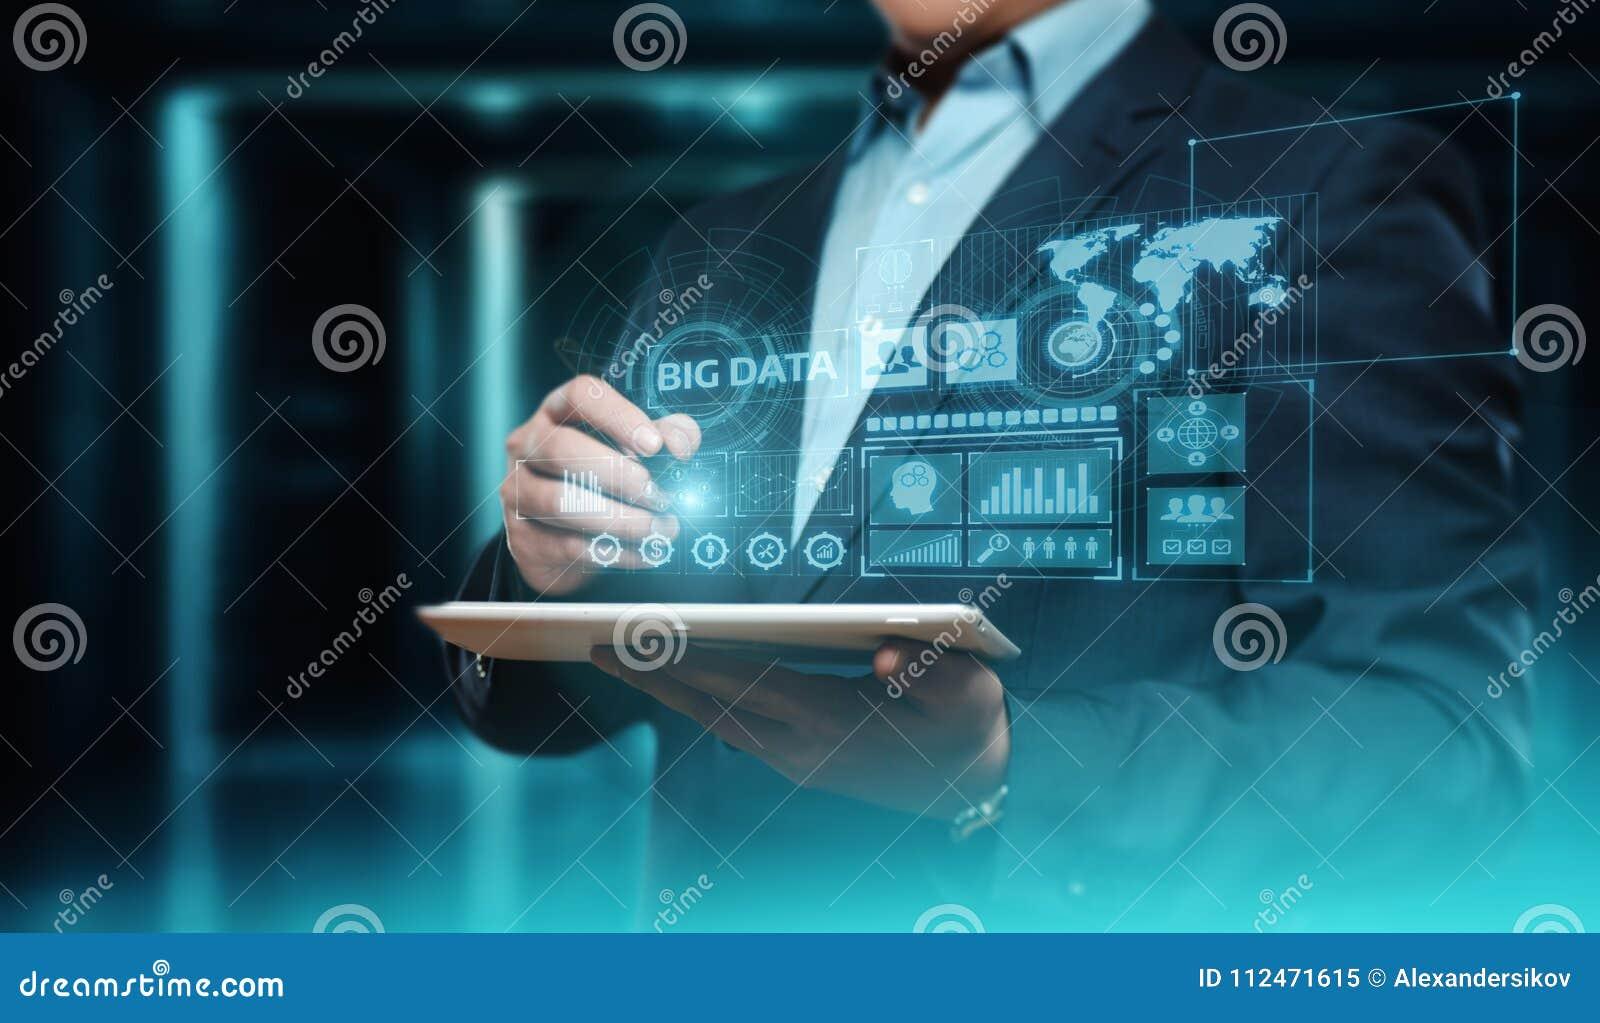 Большая концепция данным по дела информационной технологии информации в интернете данных